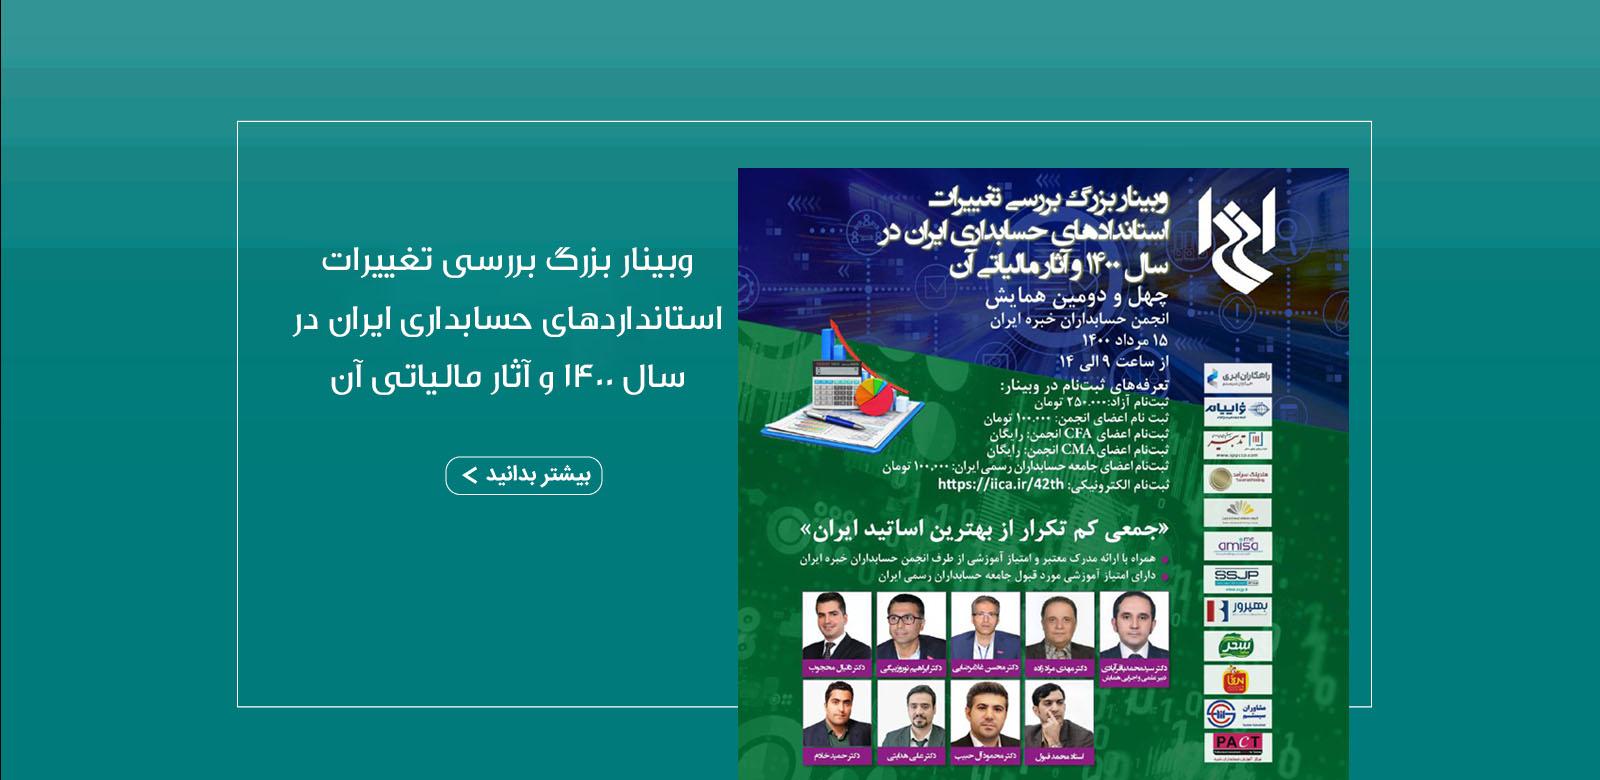 وبینار بزرگ بررسی تغییرات استانداردهای حسابداری ایران در سال 1400